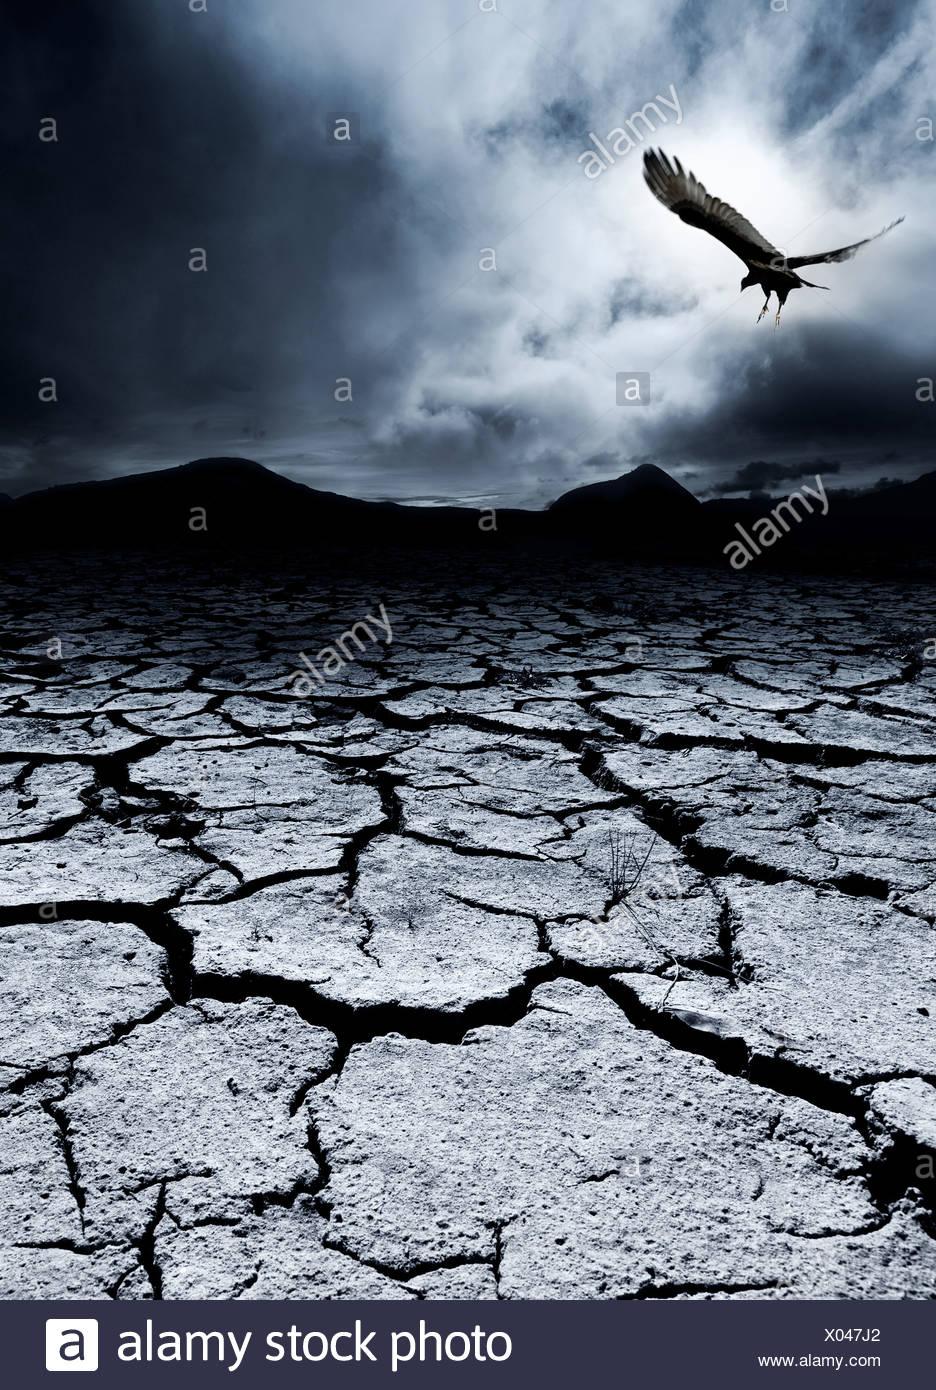 Un uccello vola su un paesaggio desolato Immagini Stock